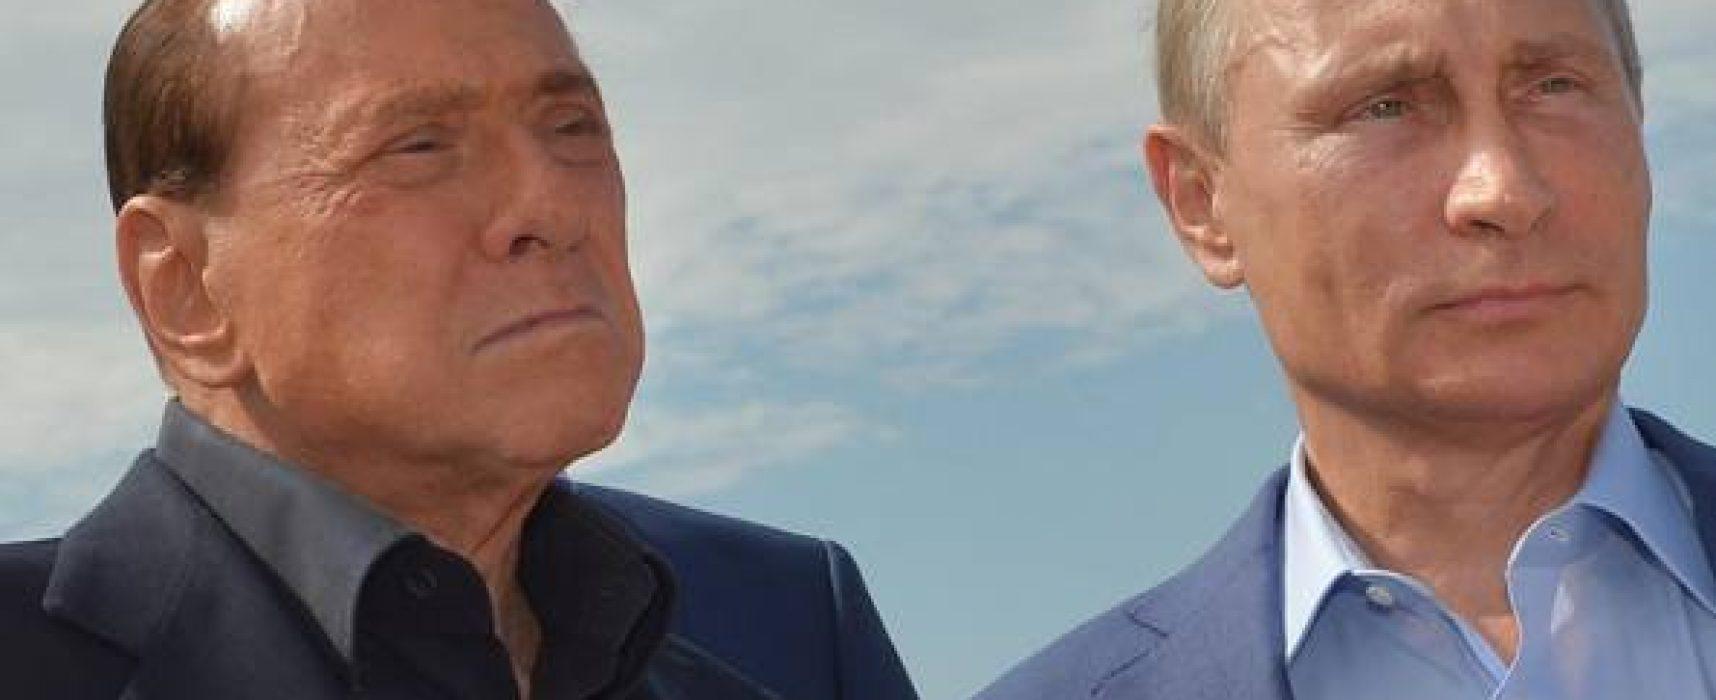 La triste parabola di Berlusconi